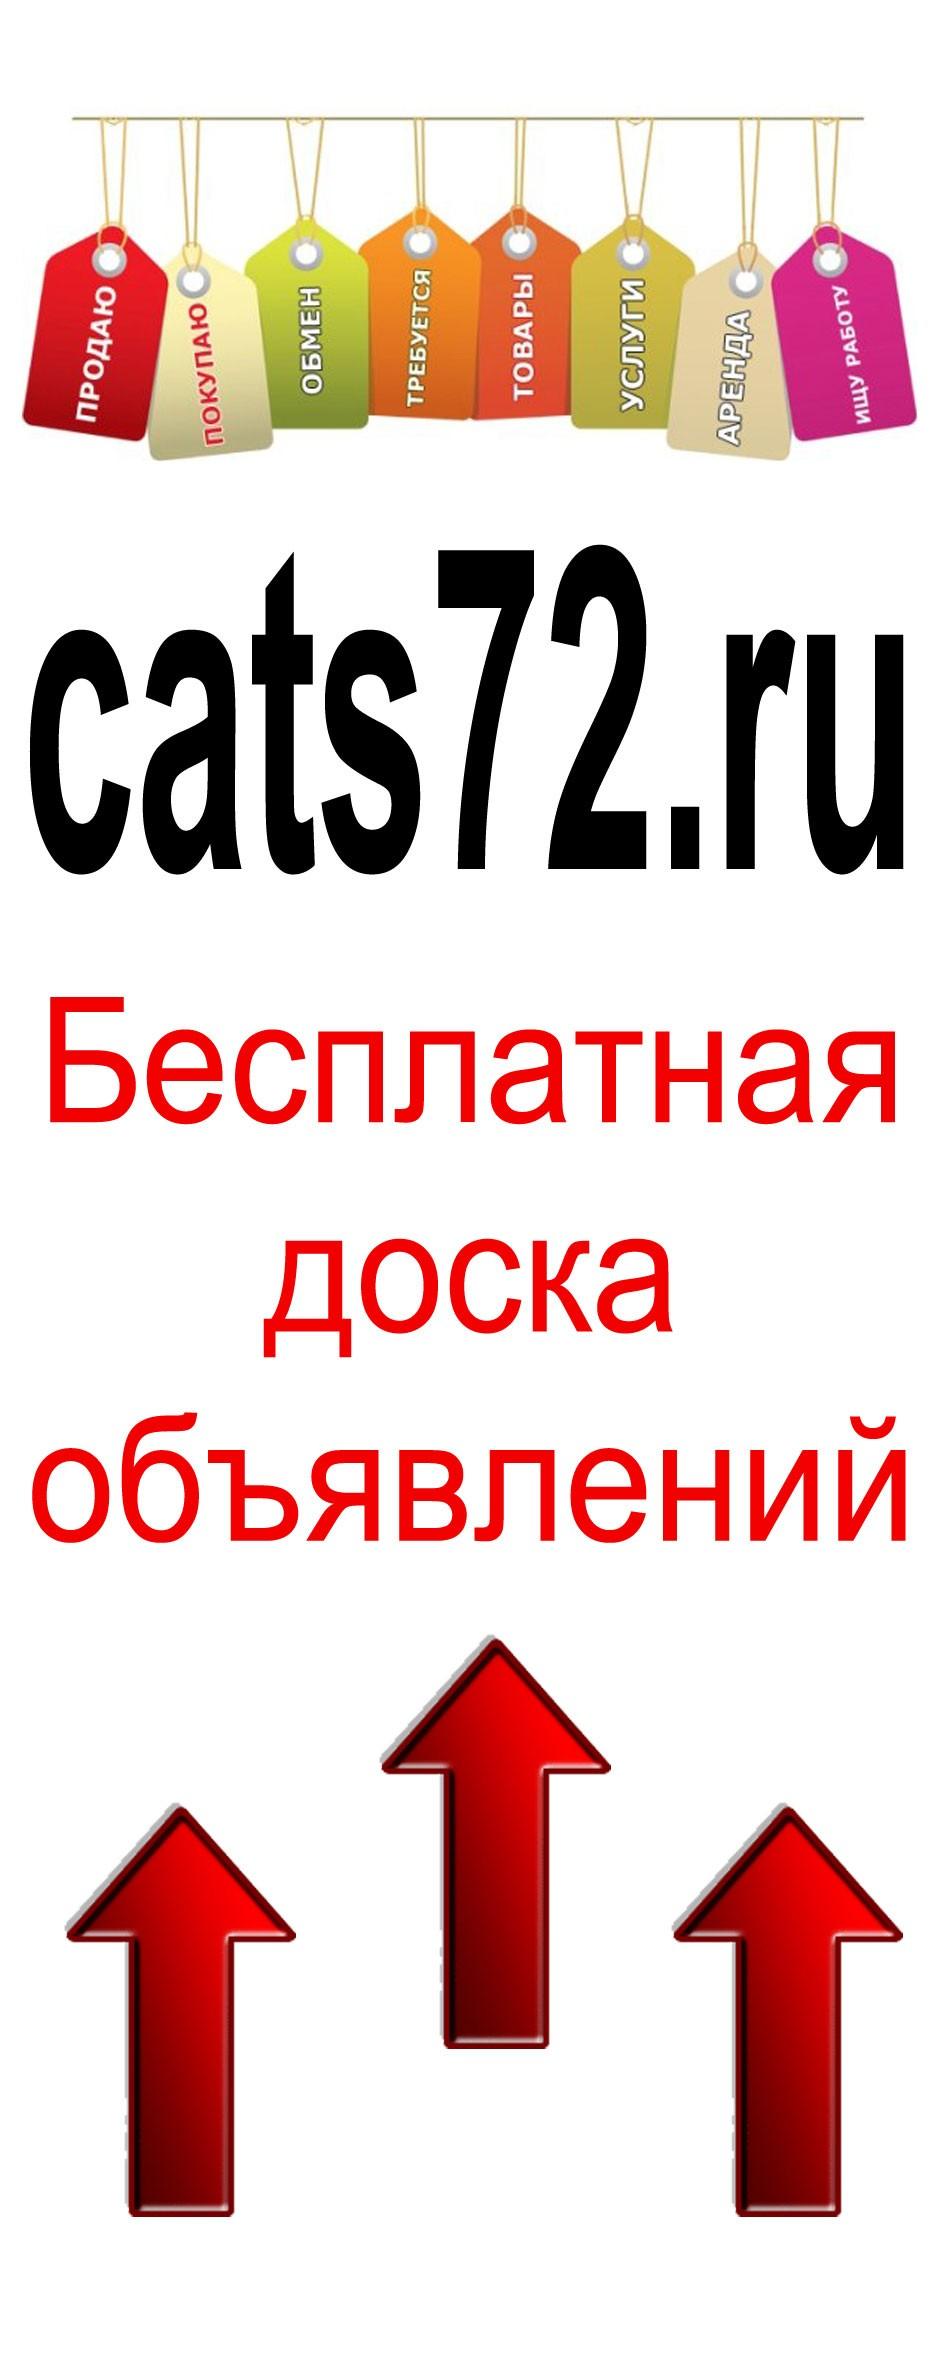 cats72.ru Бесплатные коммерческие и частные объявления